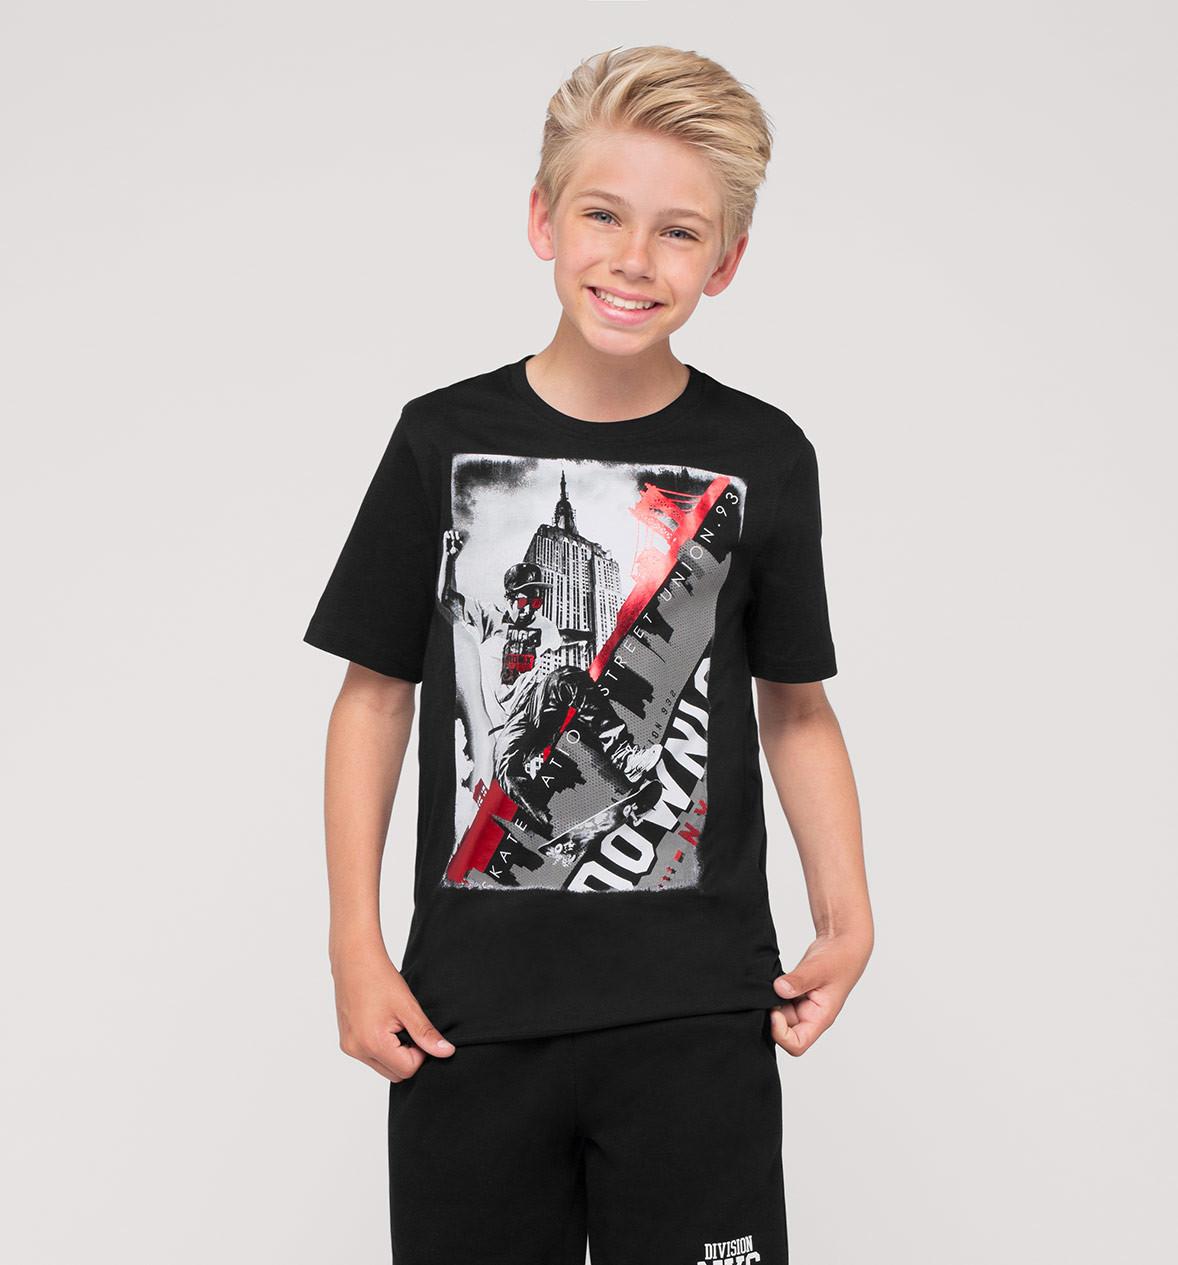 детская мода 2018: черная футболка с рисунком